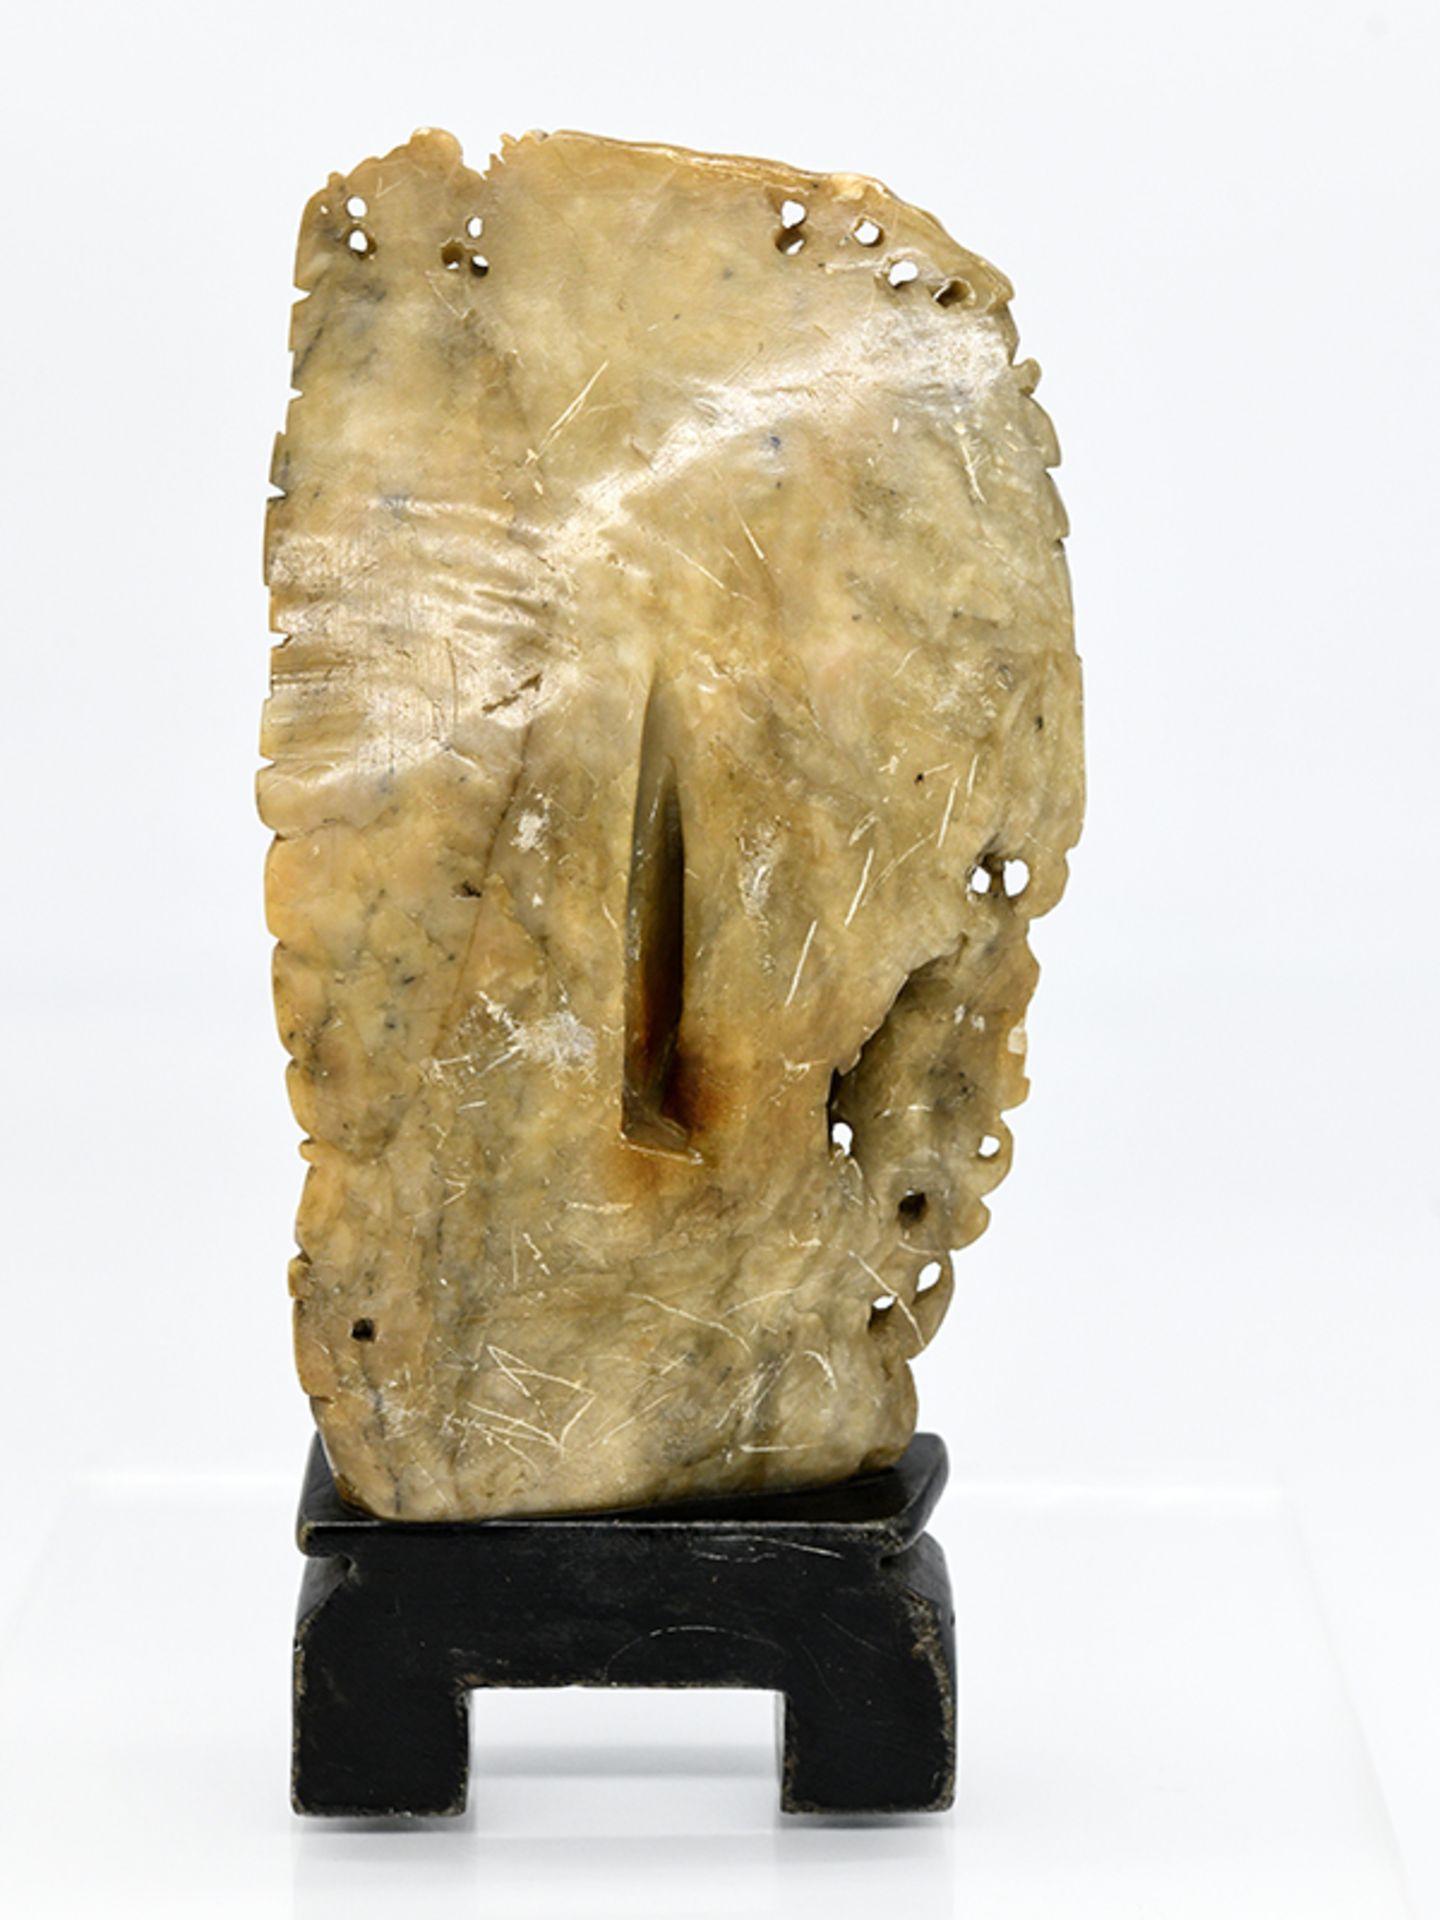 Buddhistische Speckstein-Figuren-Stele; China; wohl späte Ming-/frühe Qing-Zeit (17./18. Jh.). - Image 3 of 3